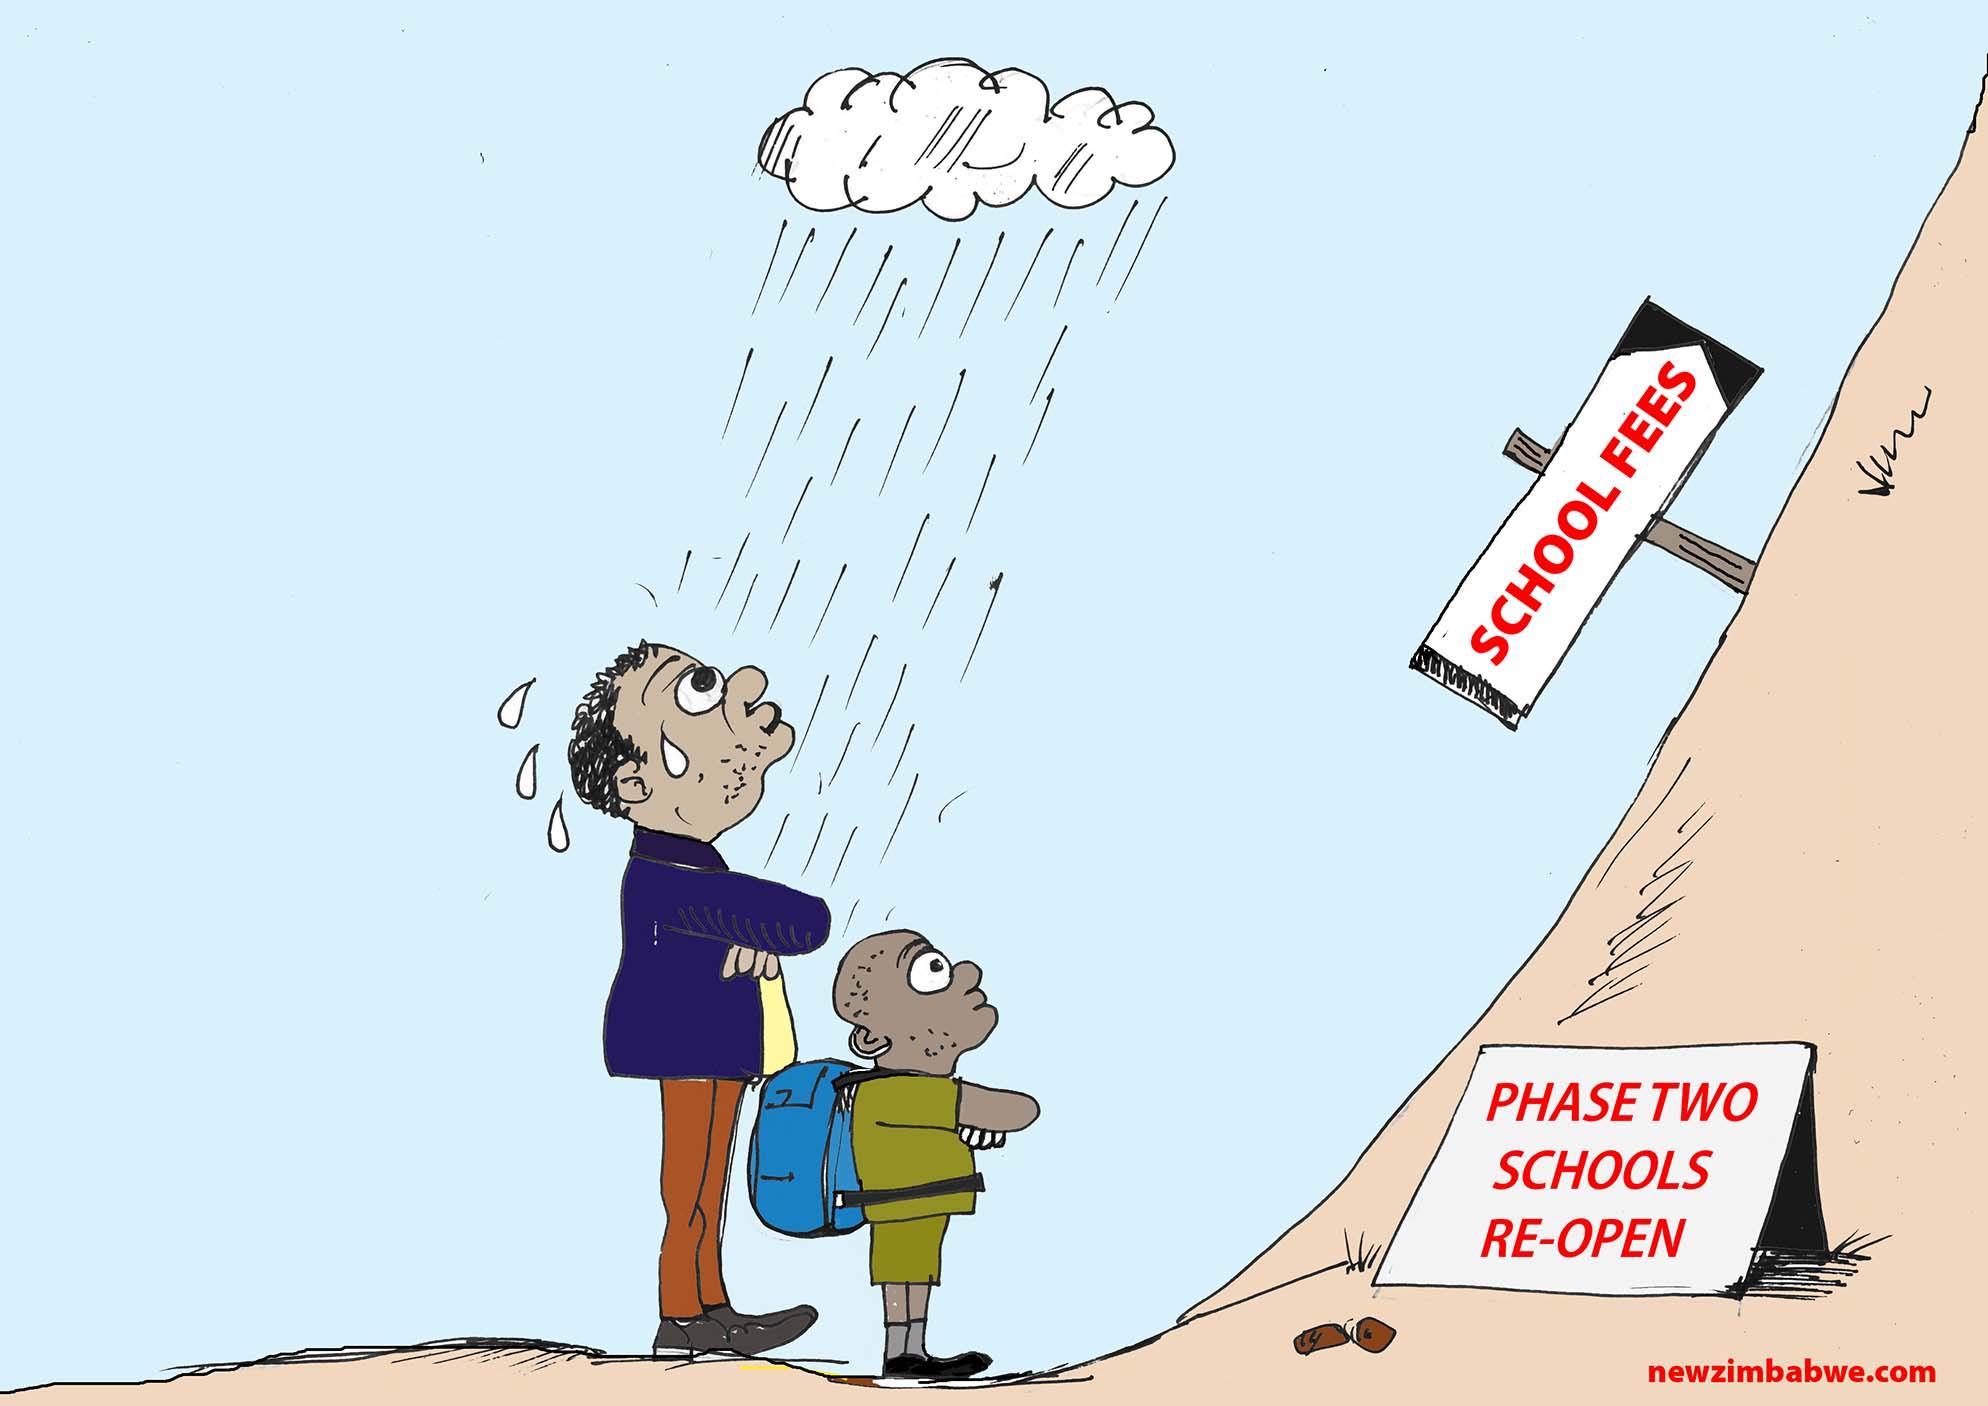 Schools reopen but…